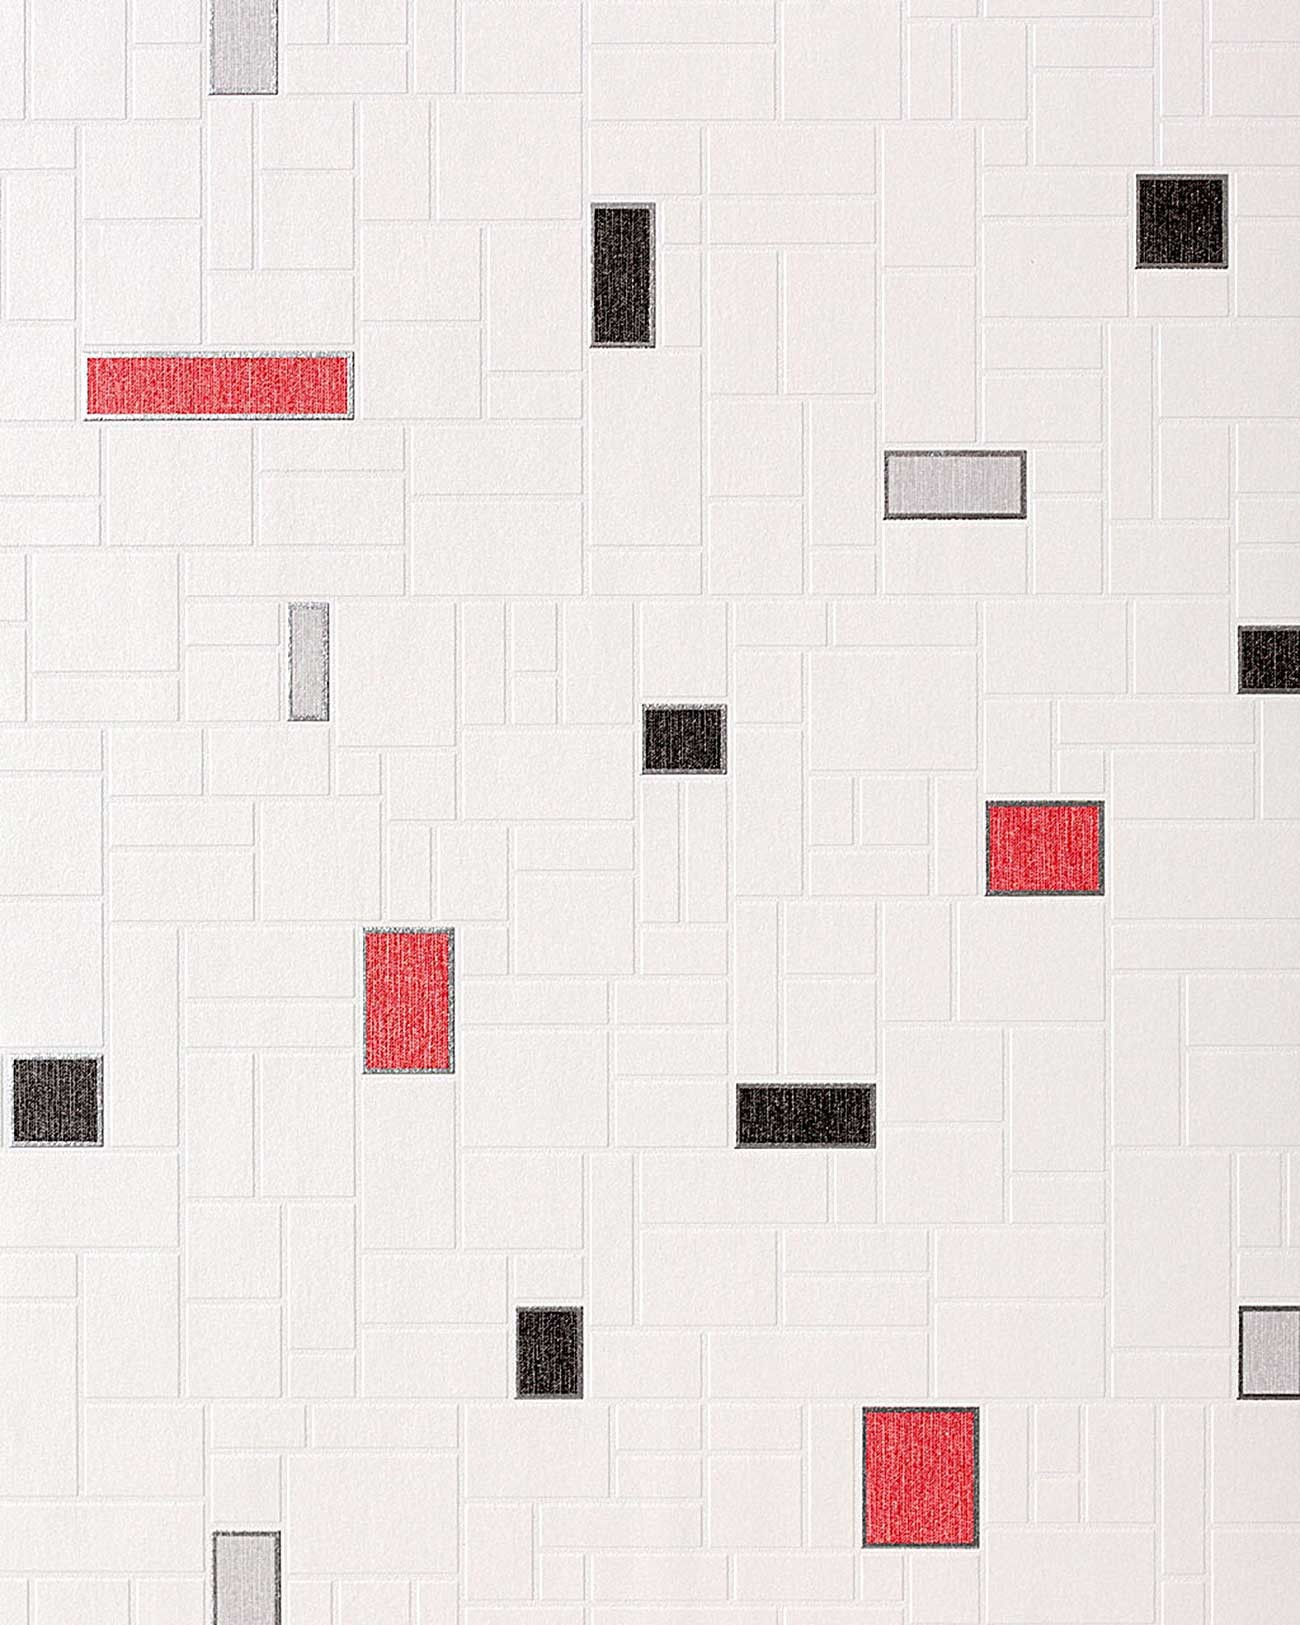 Edem 584 26 dekor vinyl tapete fliesen kacheln mosaik - Tapete auf fliesen ...